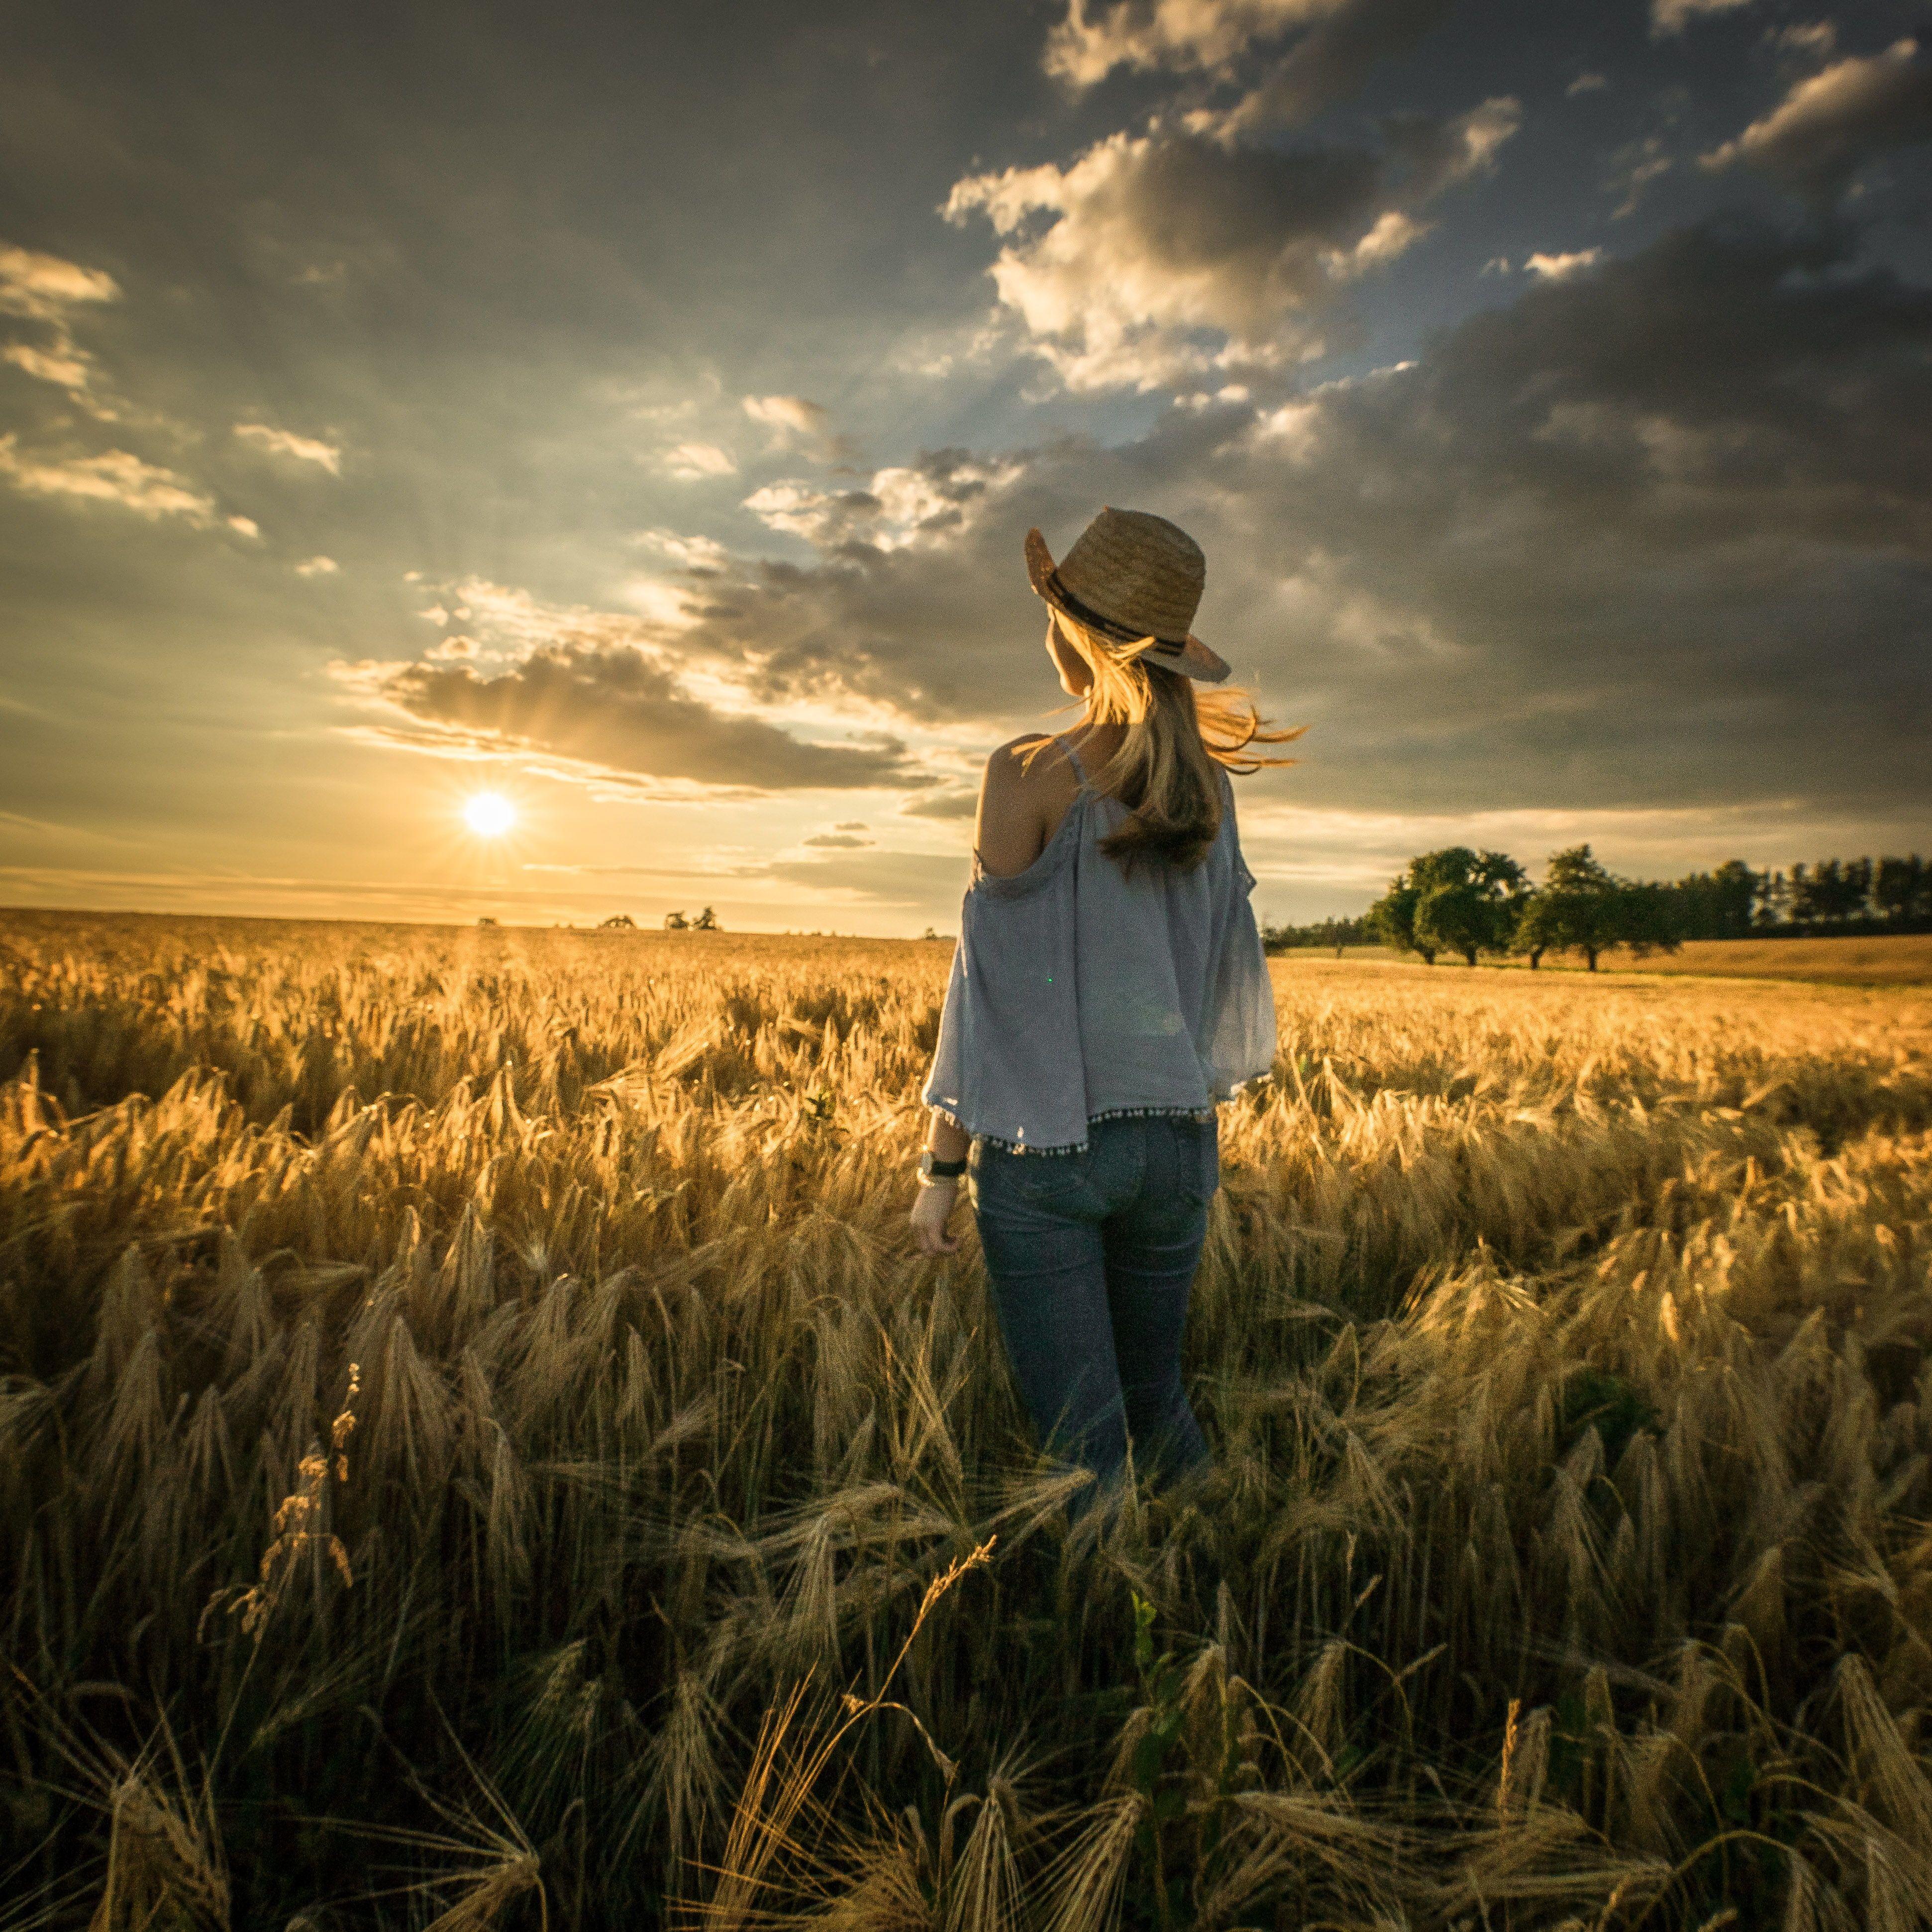 Sonnenuntergange Mit Sigma 14mm F1 8 Dg Hsm Art Fotografieren Mit Dem Lichtstarken 14mm F1 8 Dg Hsm Art W God Loves Me Christian Inspiration Citas Biblicas